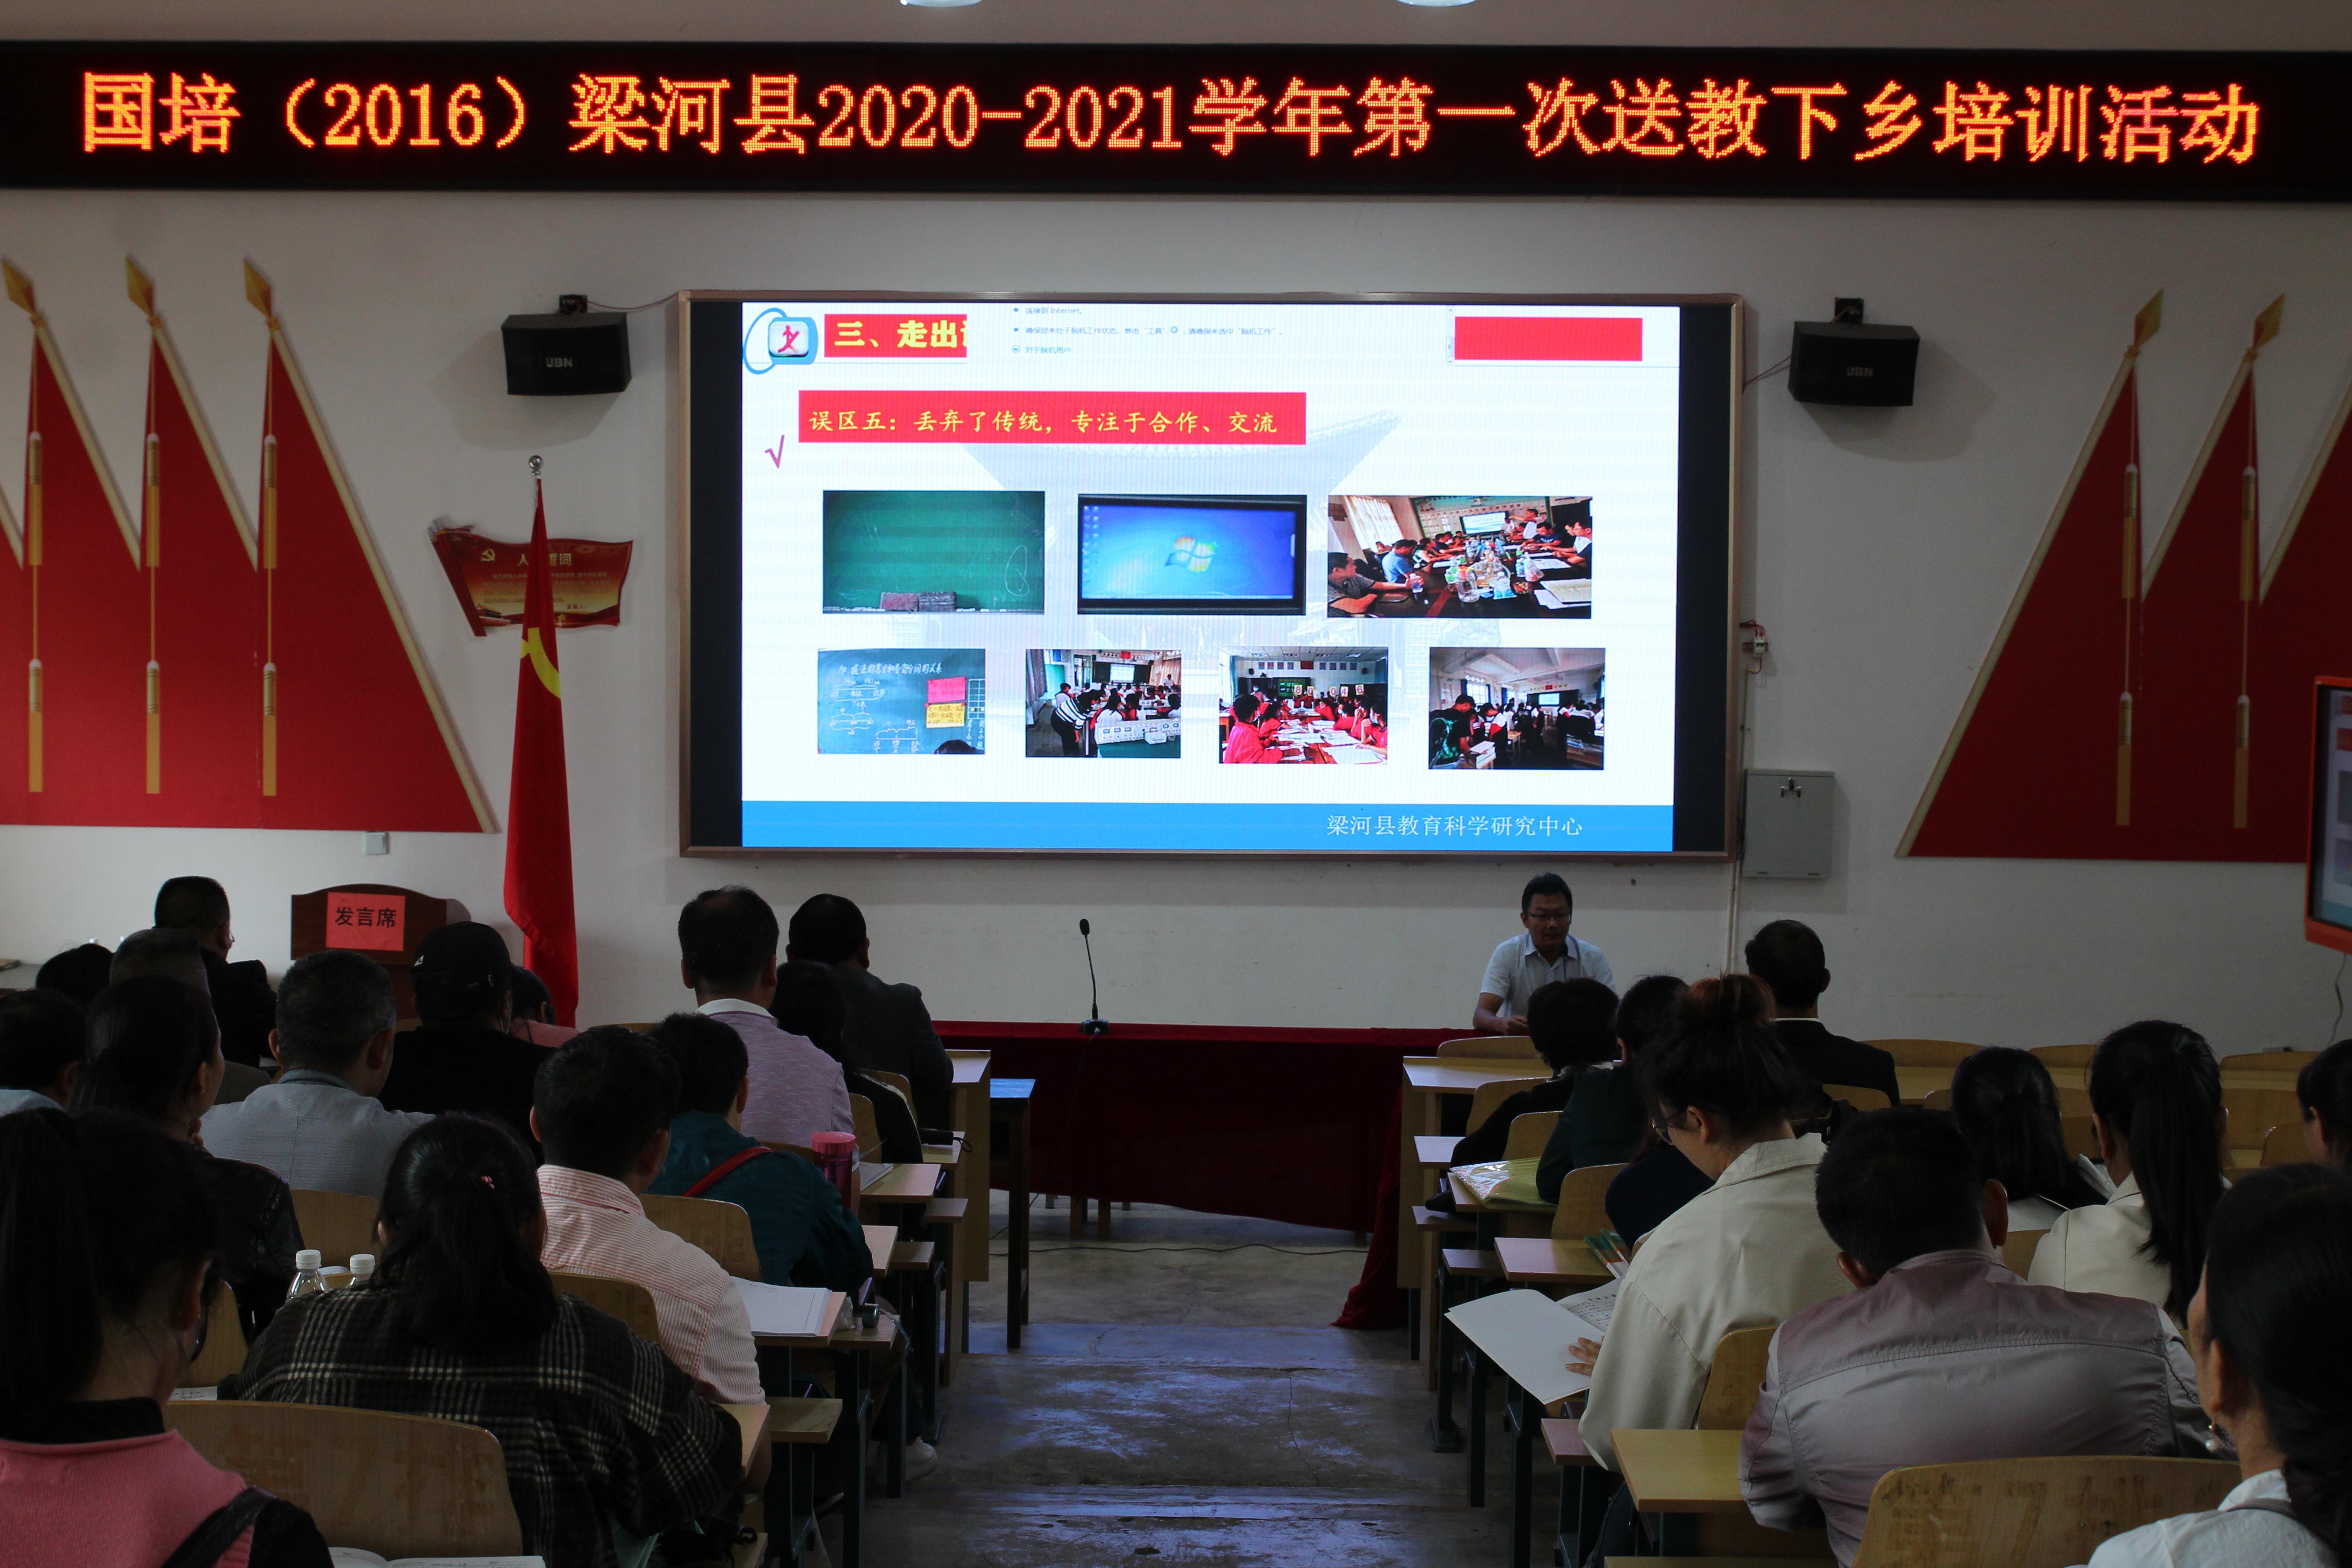 国培(2016)梁河县2020-2021学年第一次送教下乡活动到芒东镇中心学校